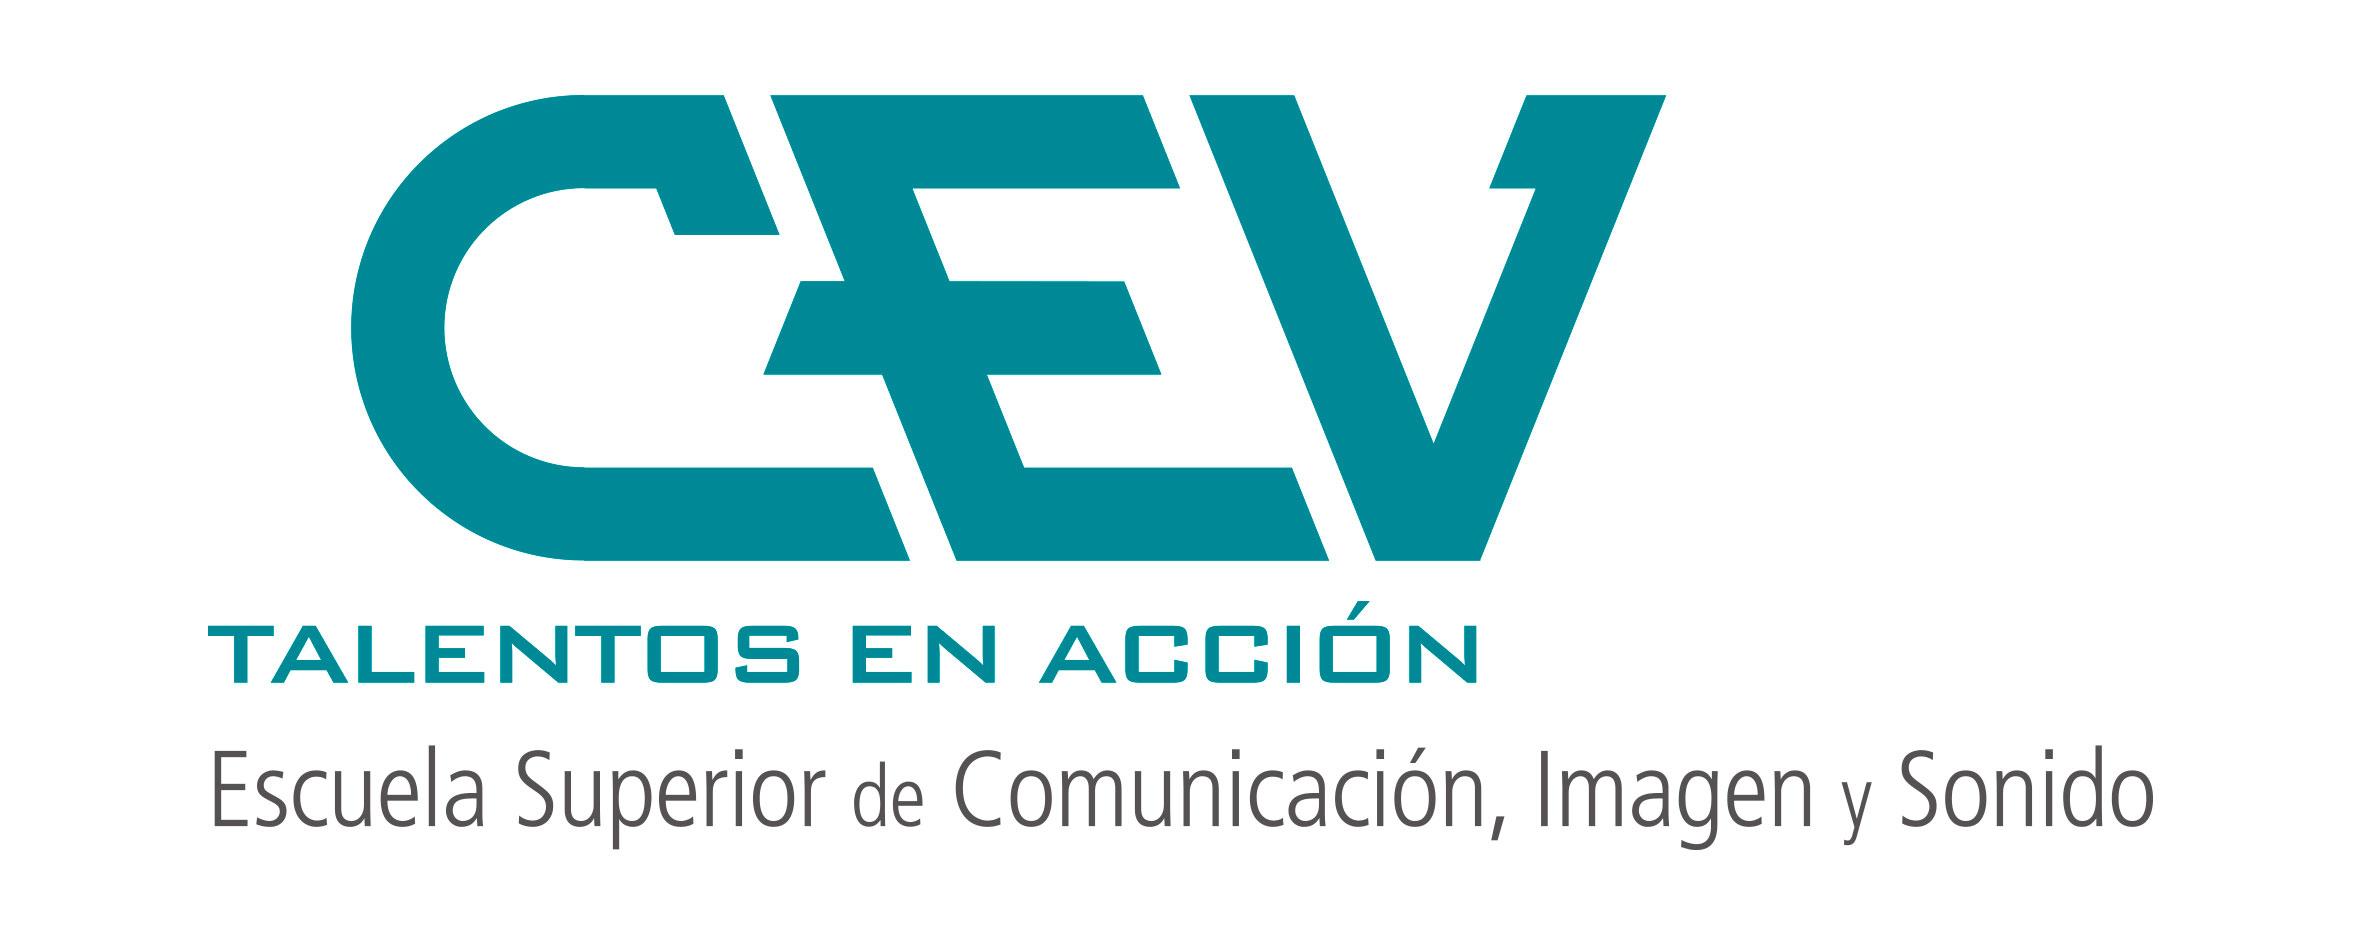 Logo de Centro de Estudios del Video CEV